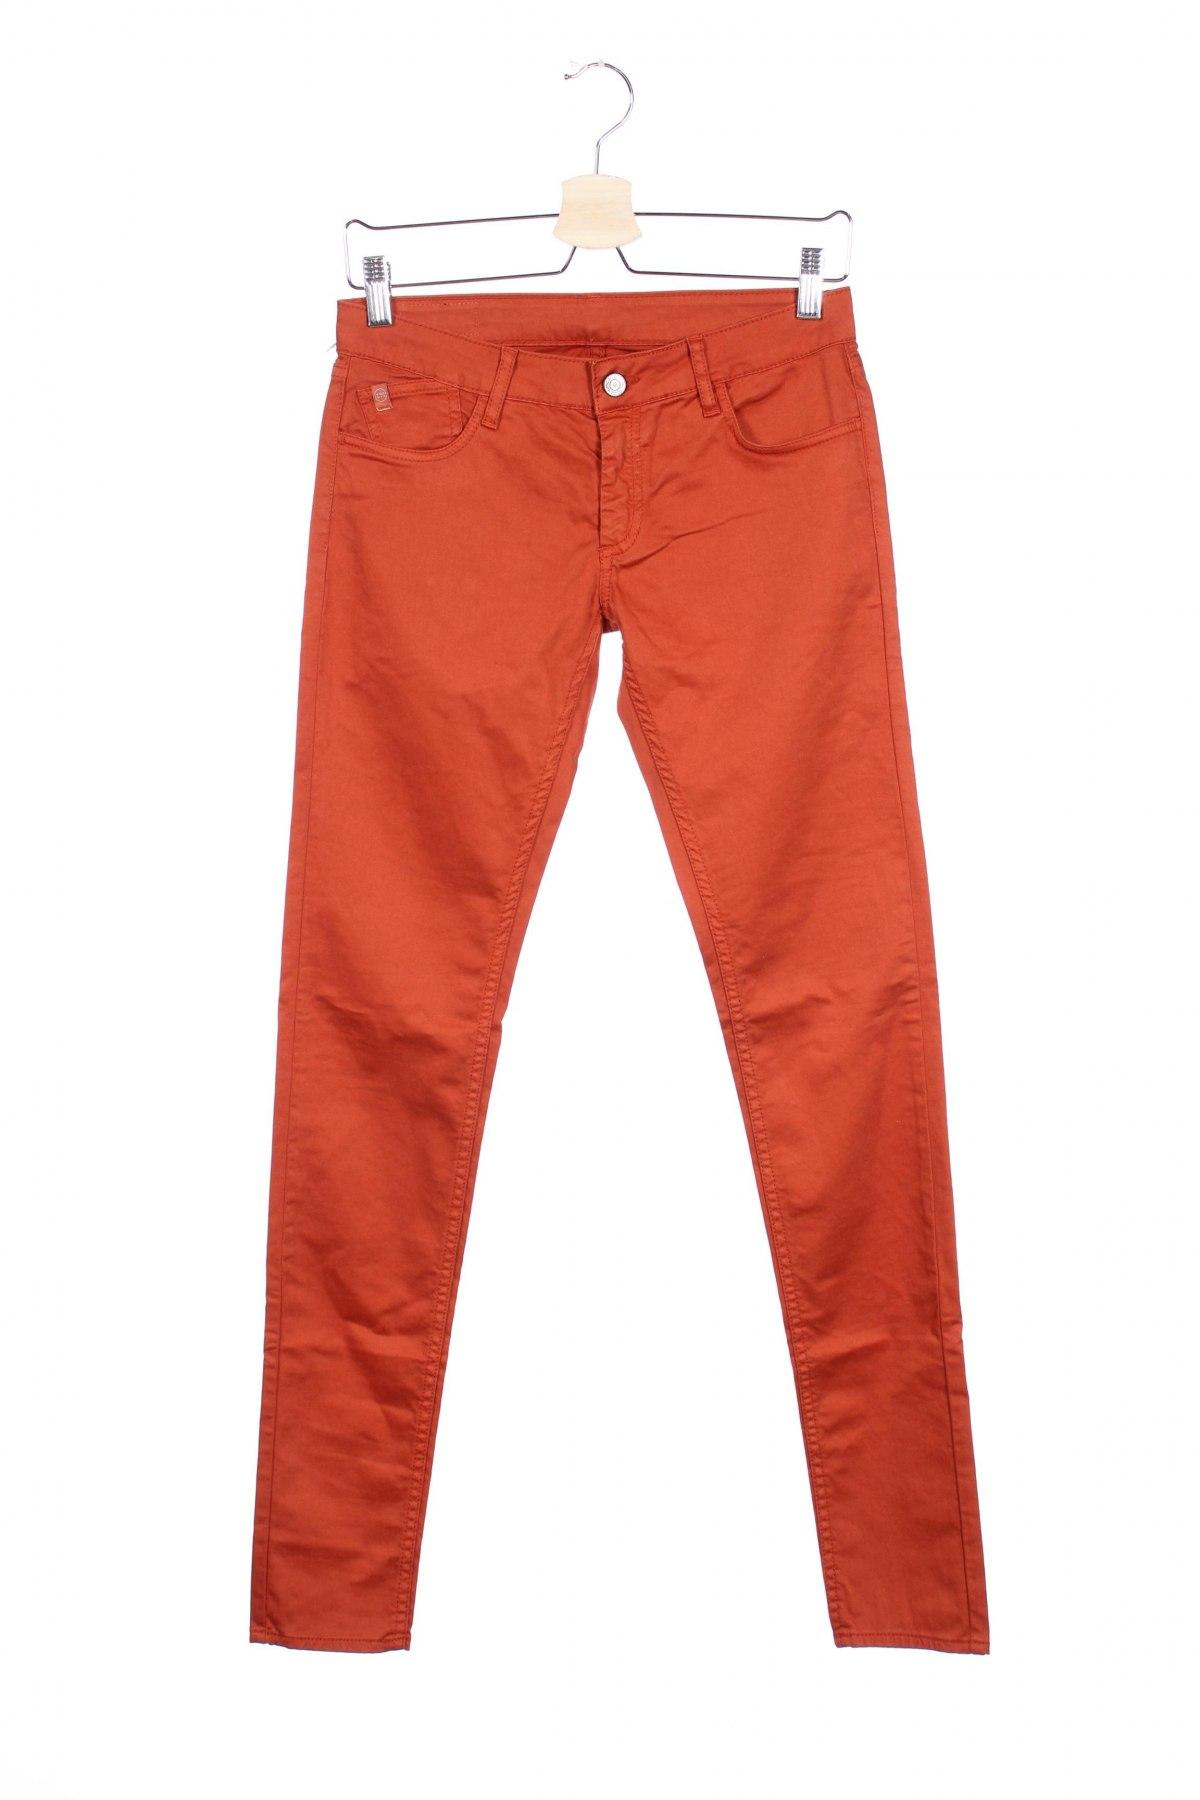 Дамски панталон Le Temps Des Cerises, Размер XS, Цвят Оранжев, 97% памук, 3% еластан, Цена 20,43лв.